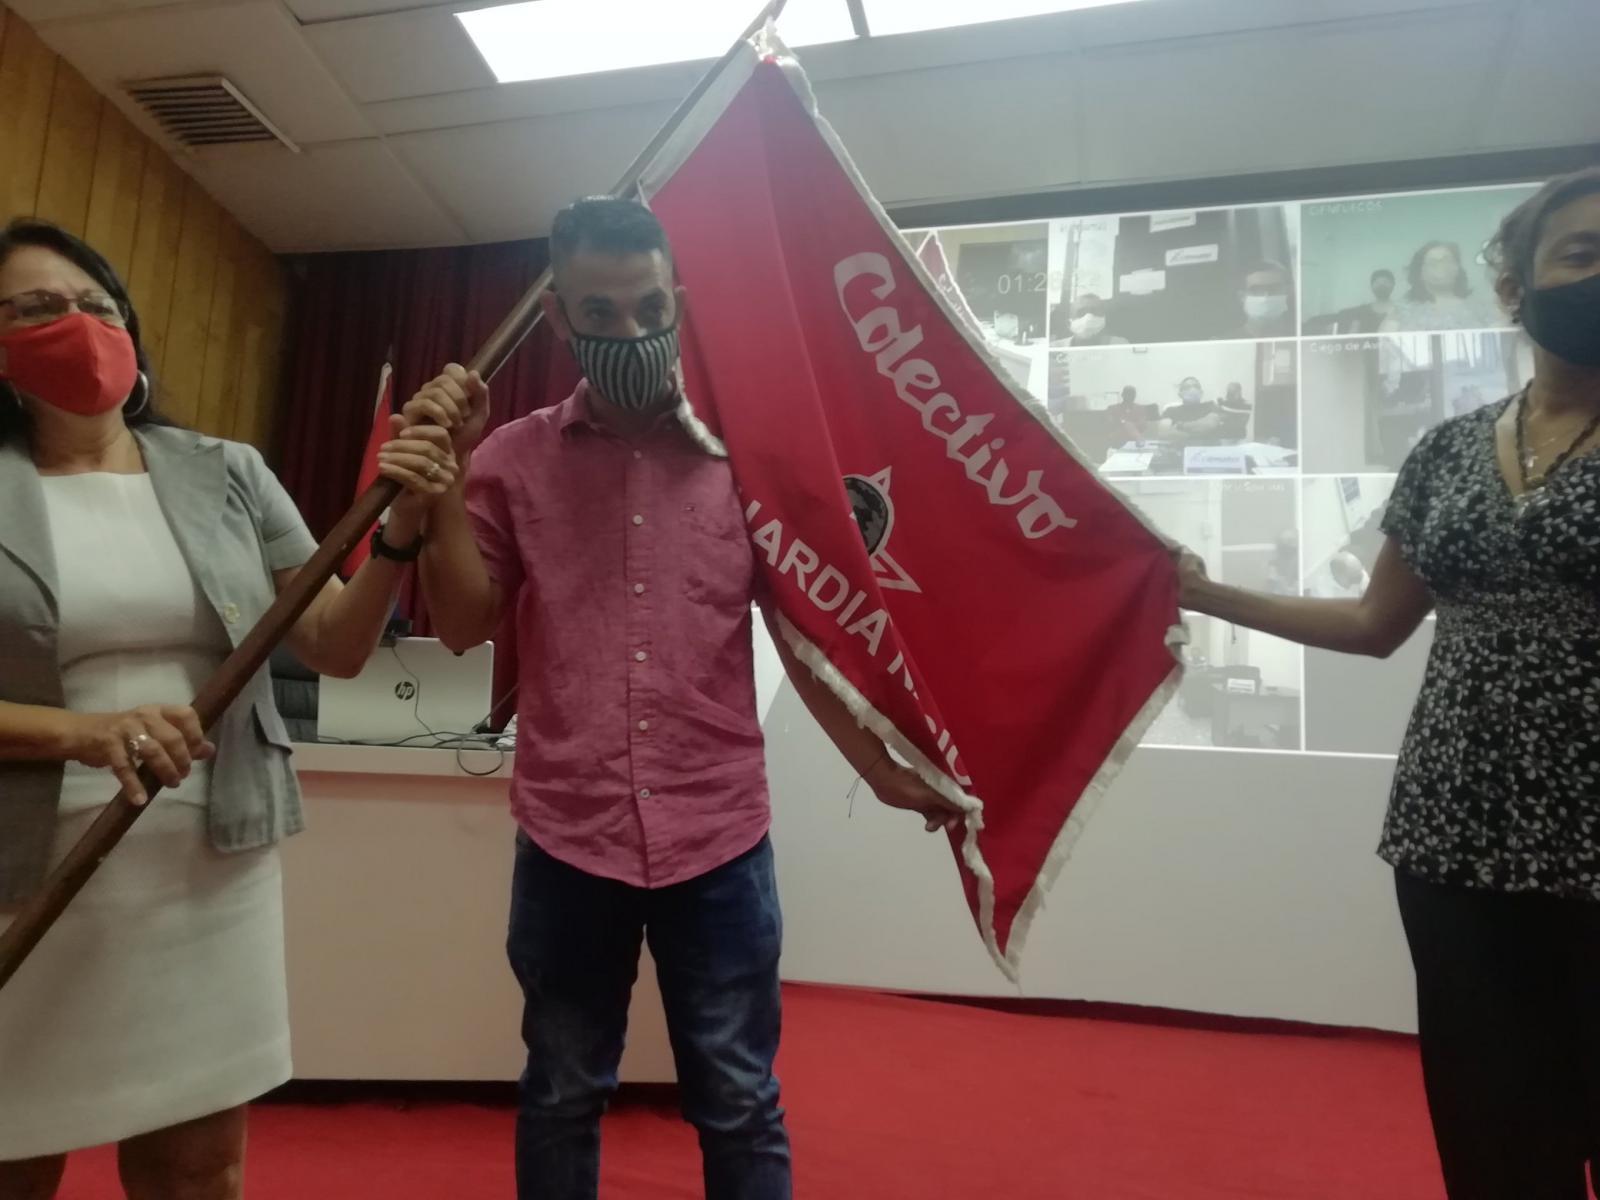 Recibe Citmatel la condición de Colectivo Vanguardia Nacional